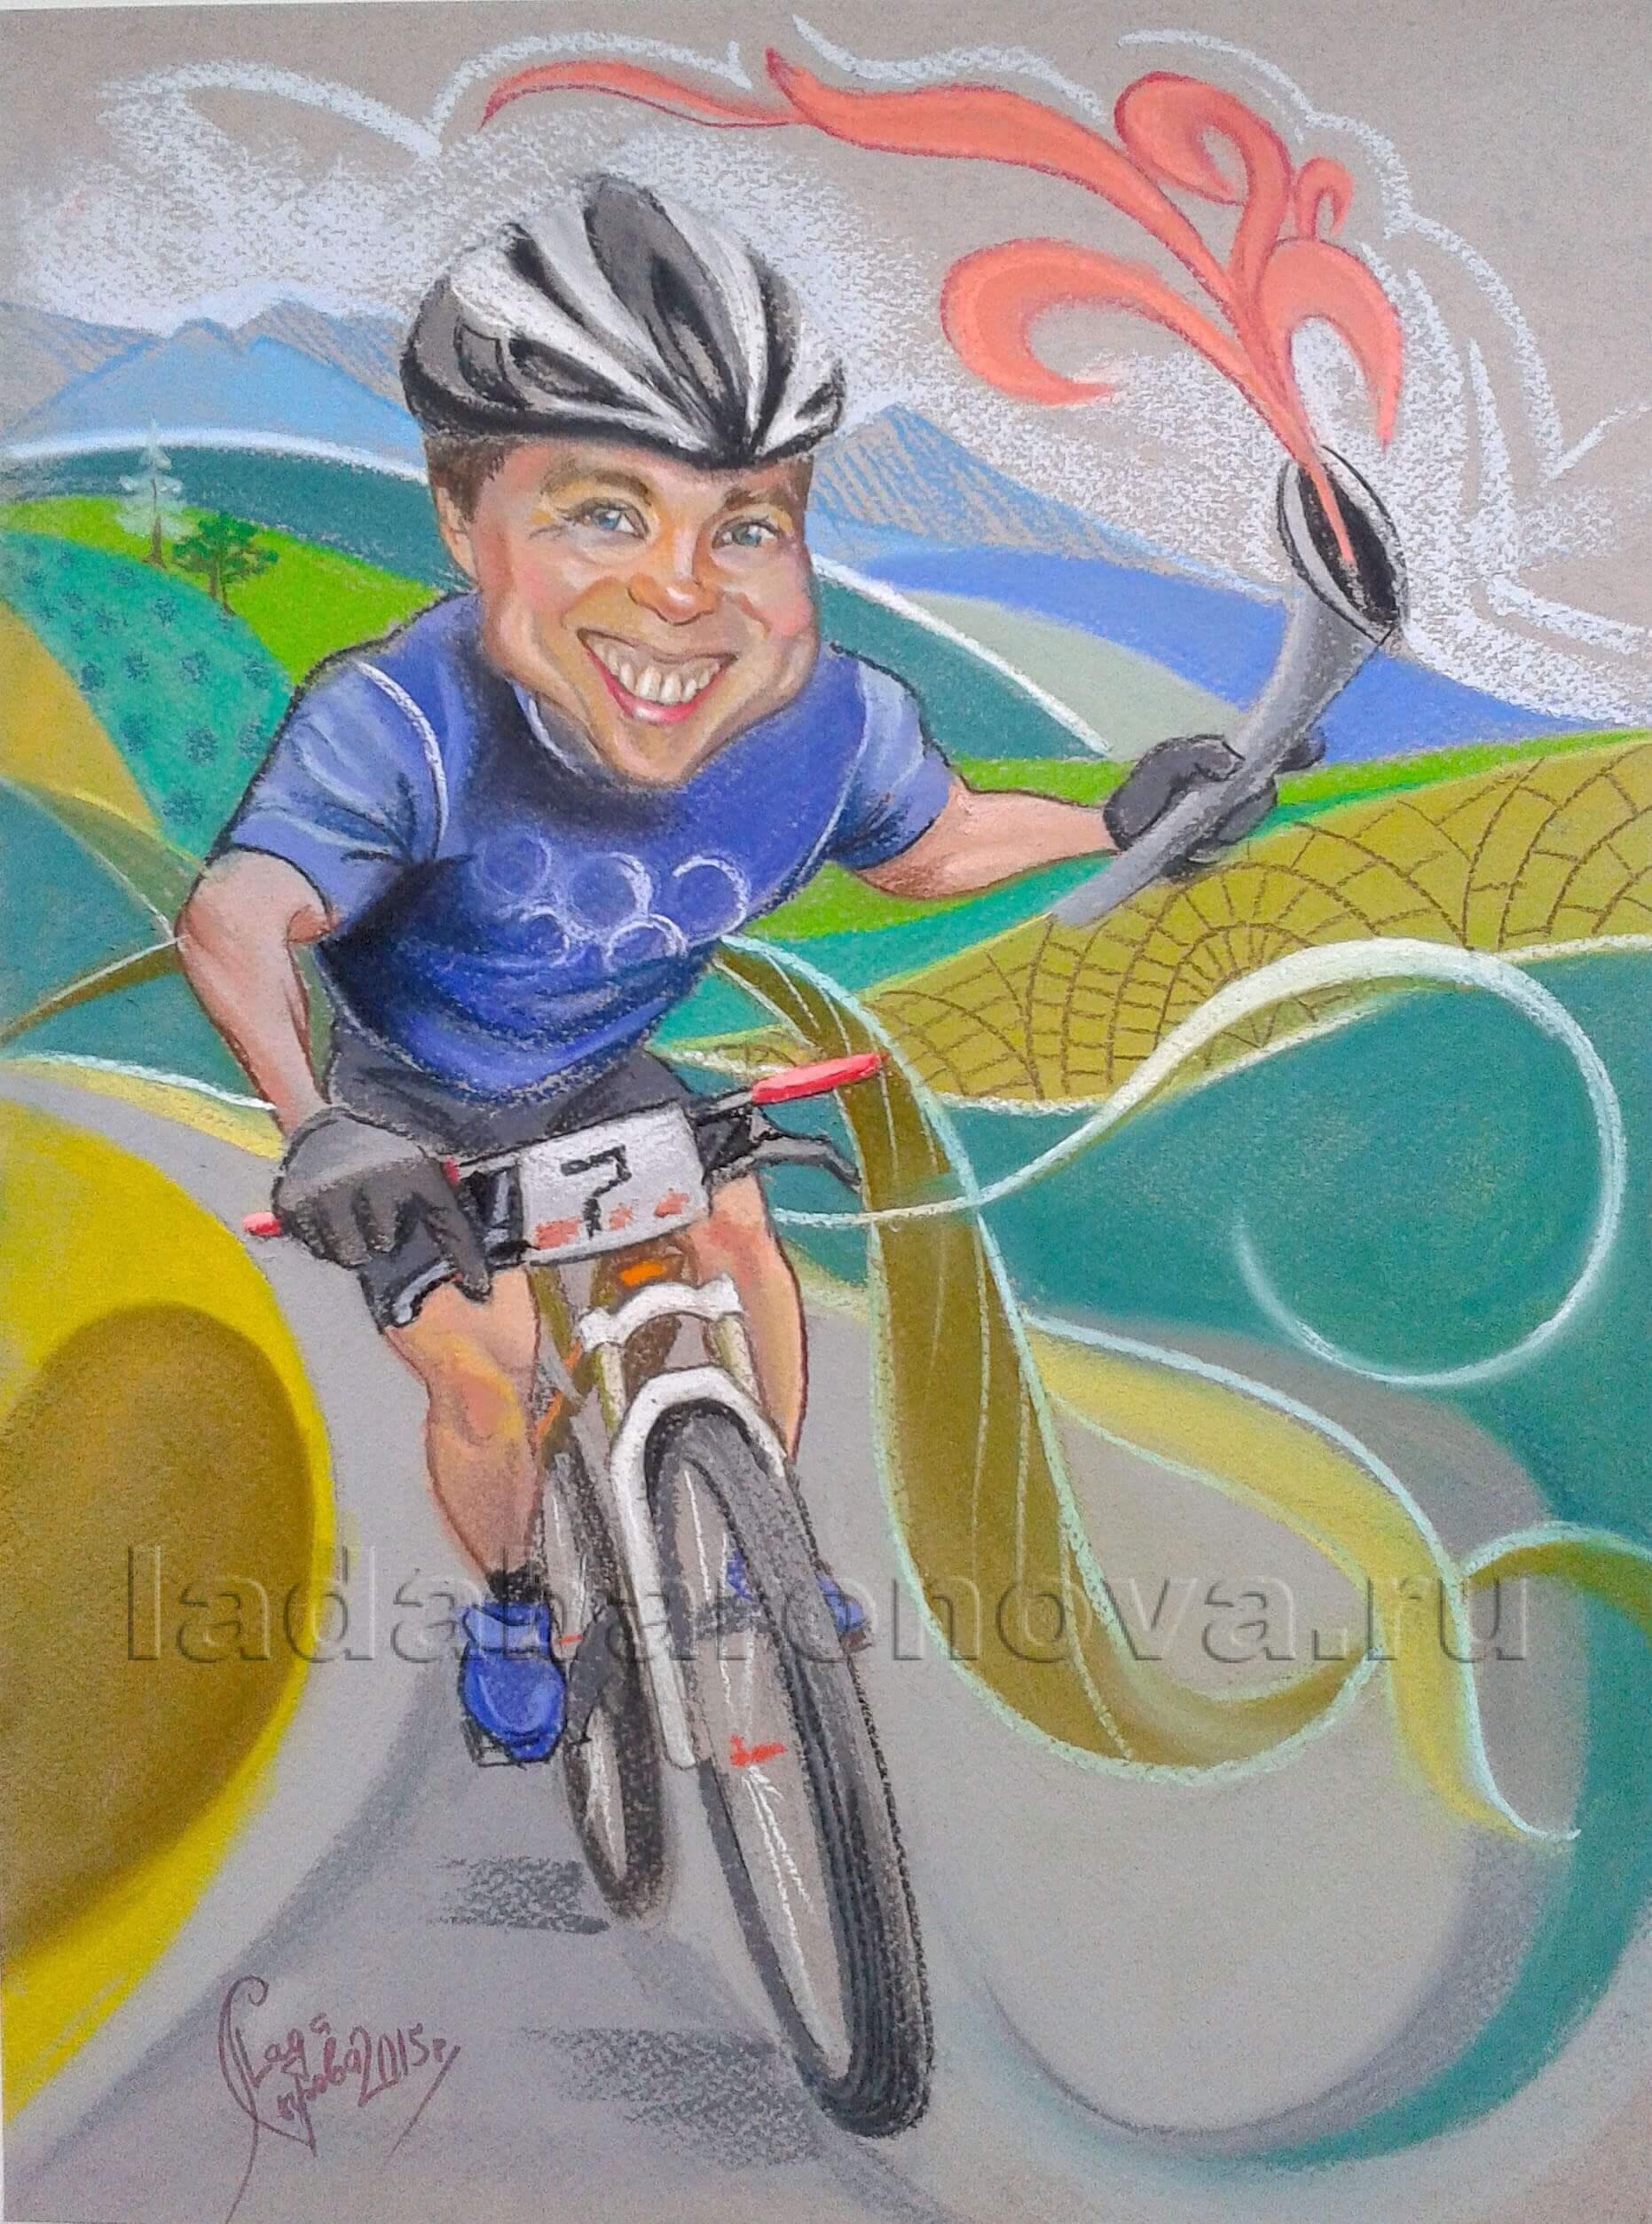 Шарж на мужчину «Велосипедист олимпийский»